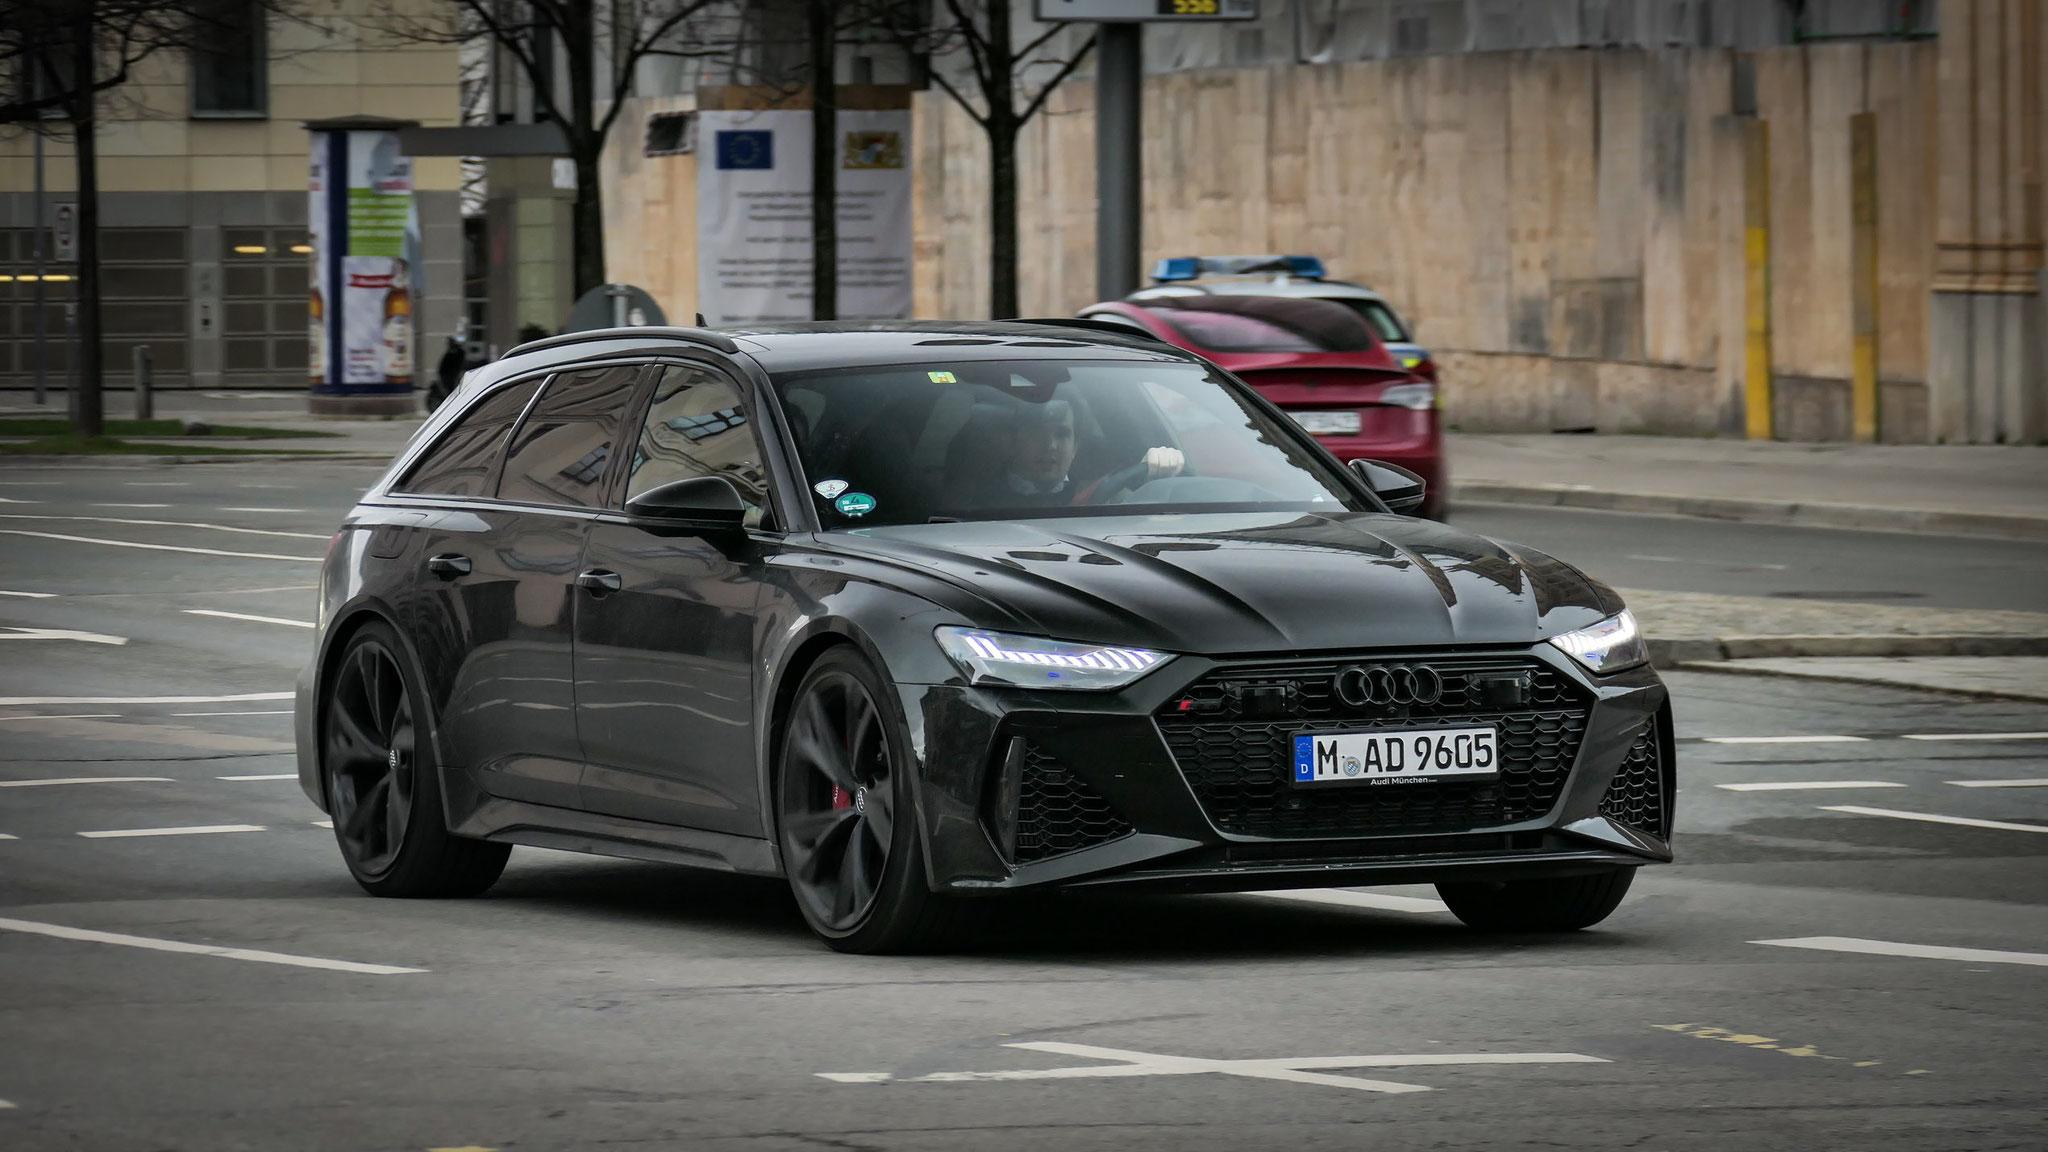 Audi RS6 - M-AD-9605